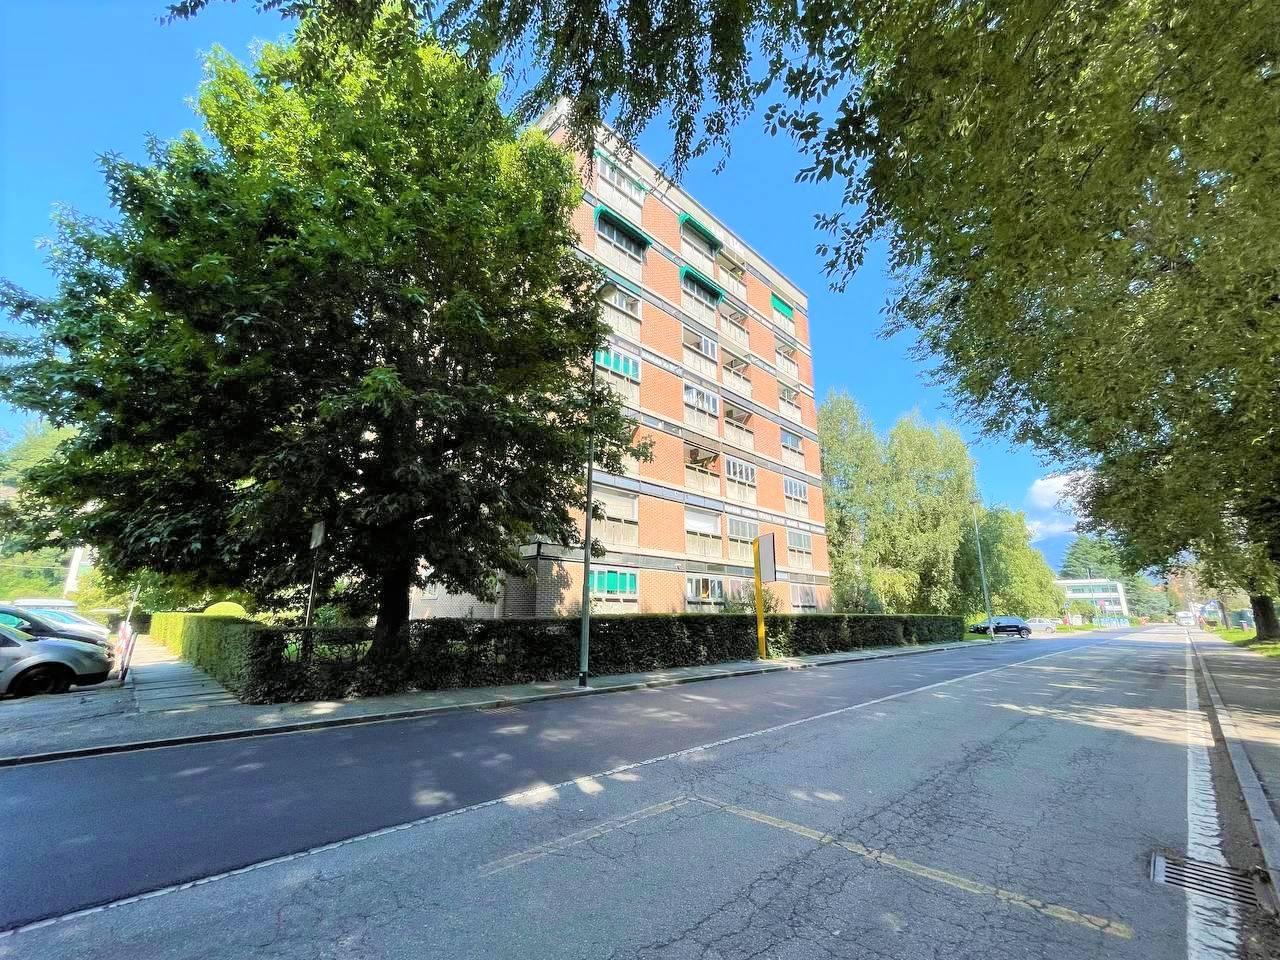 Appartamento in vendita a Ivrea, 3 locali, prezzo € 69.000 | PortaleAgenzieImmobiliari.it